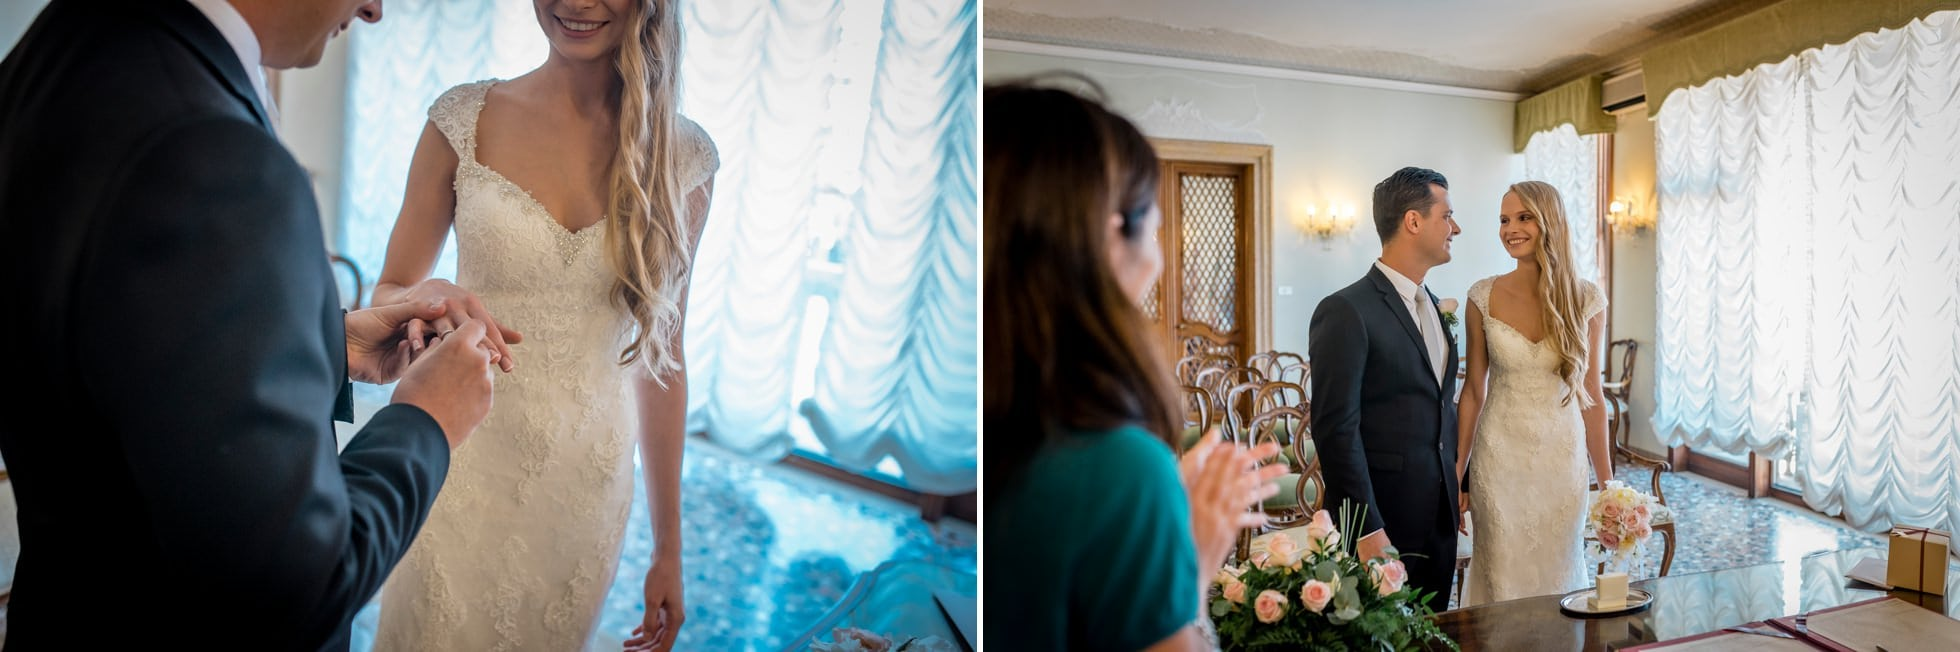 fotografo matrimonio civile palazzo cavalli